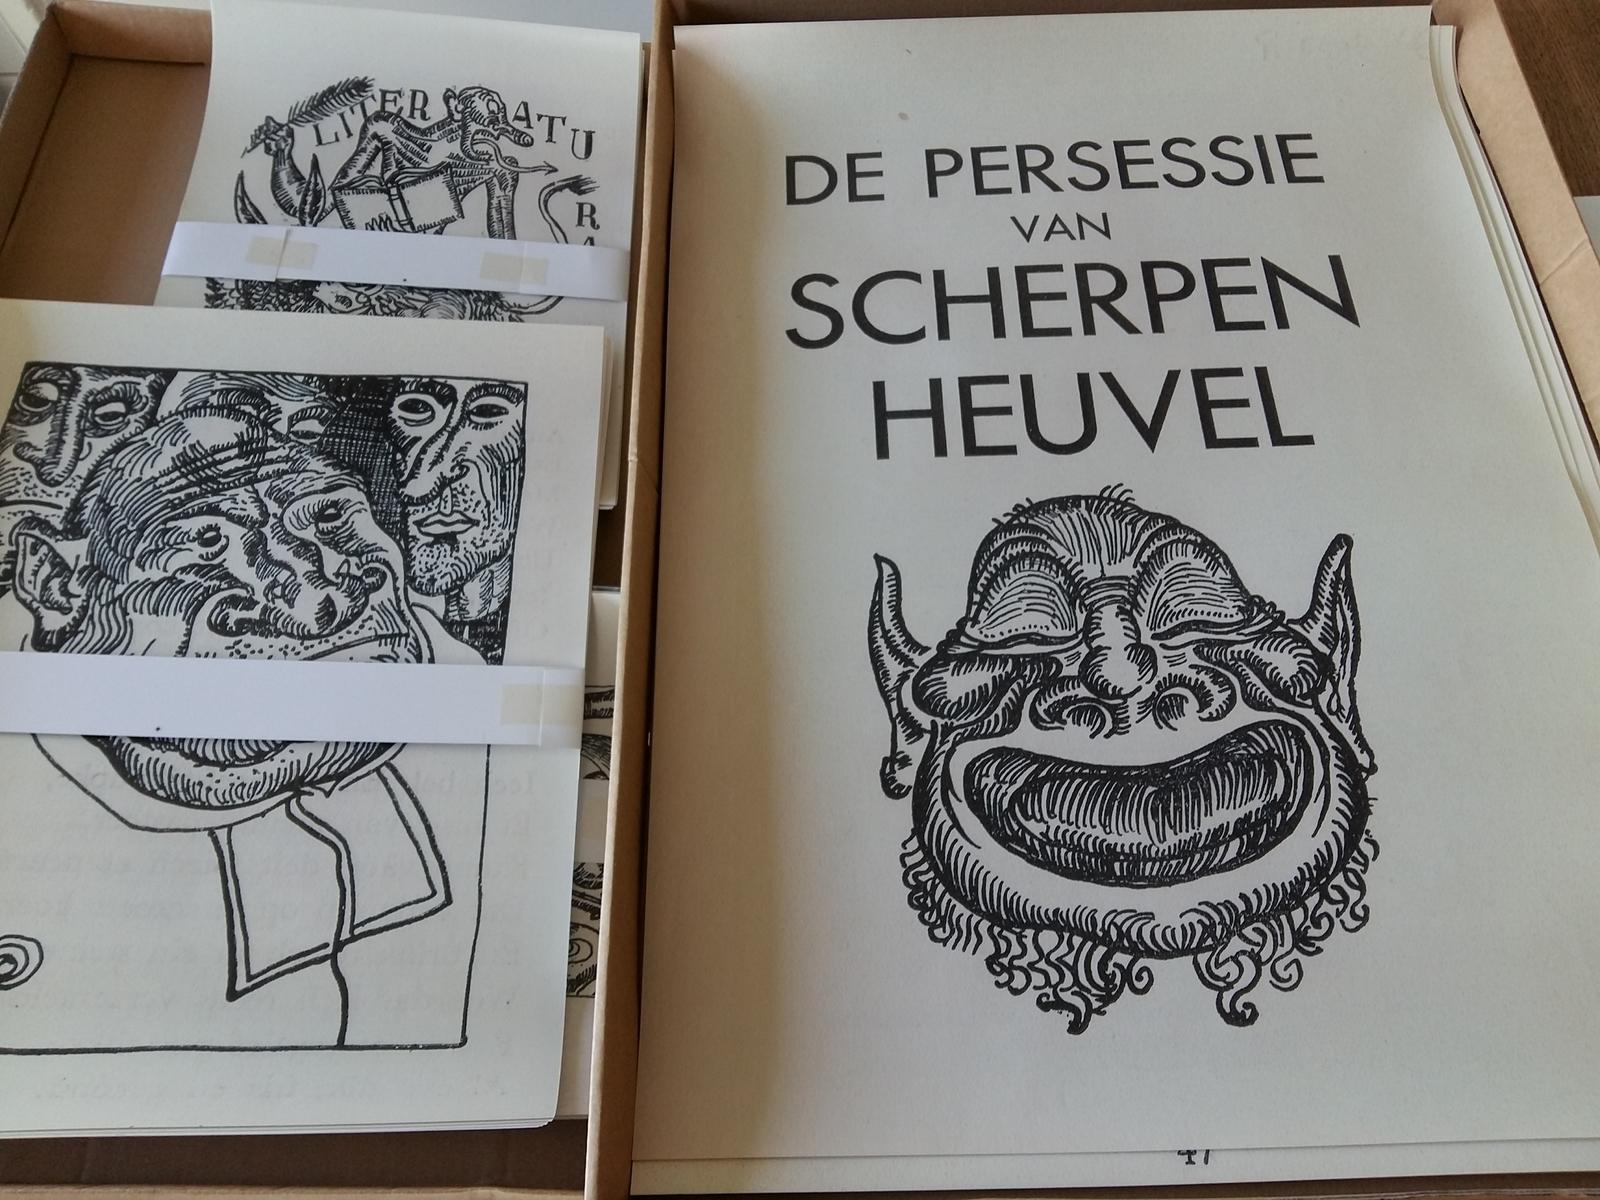 De percessie van Scherpenheuvel